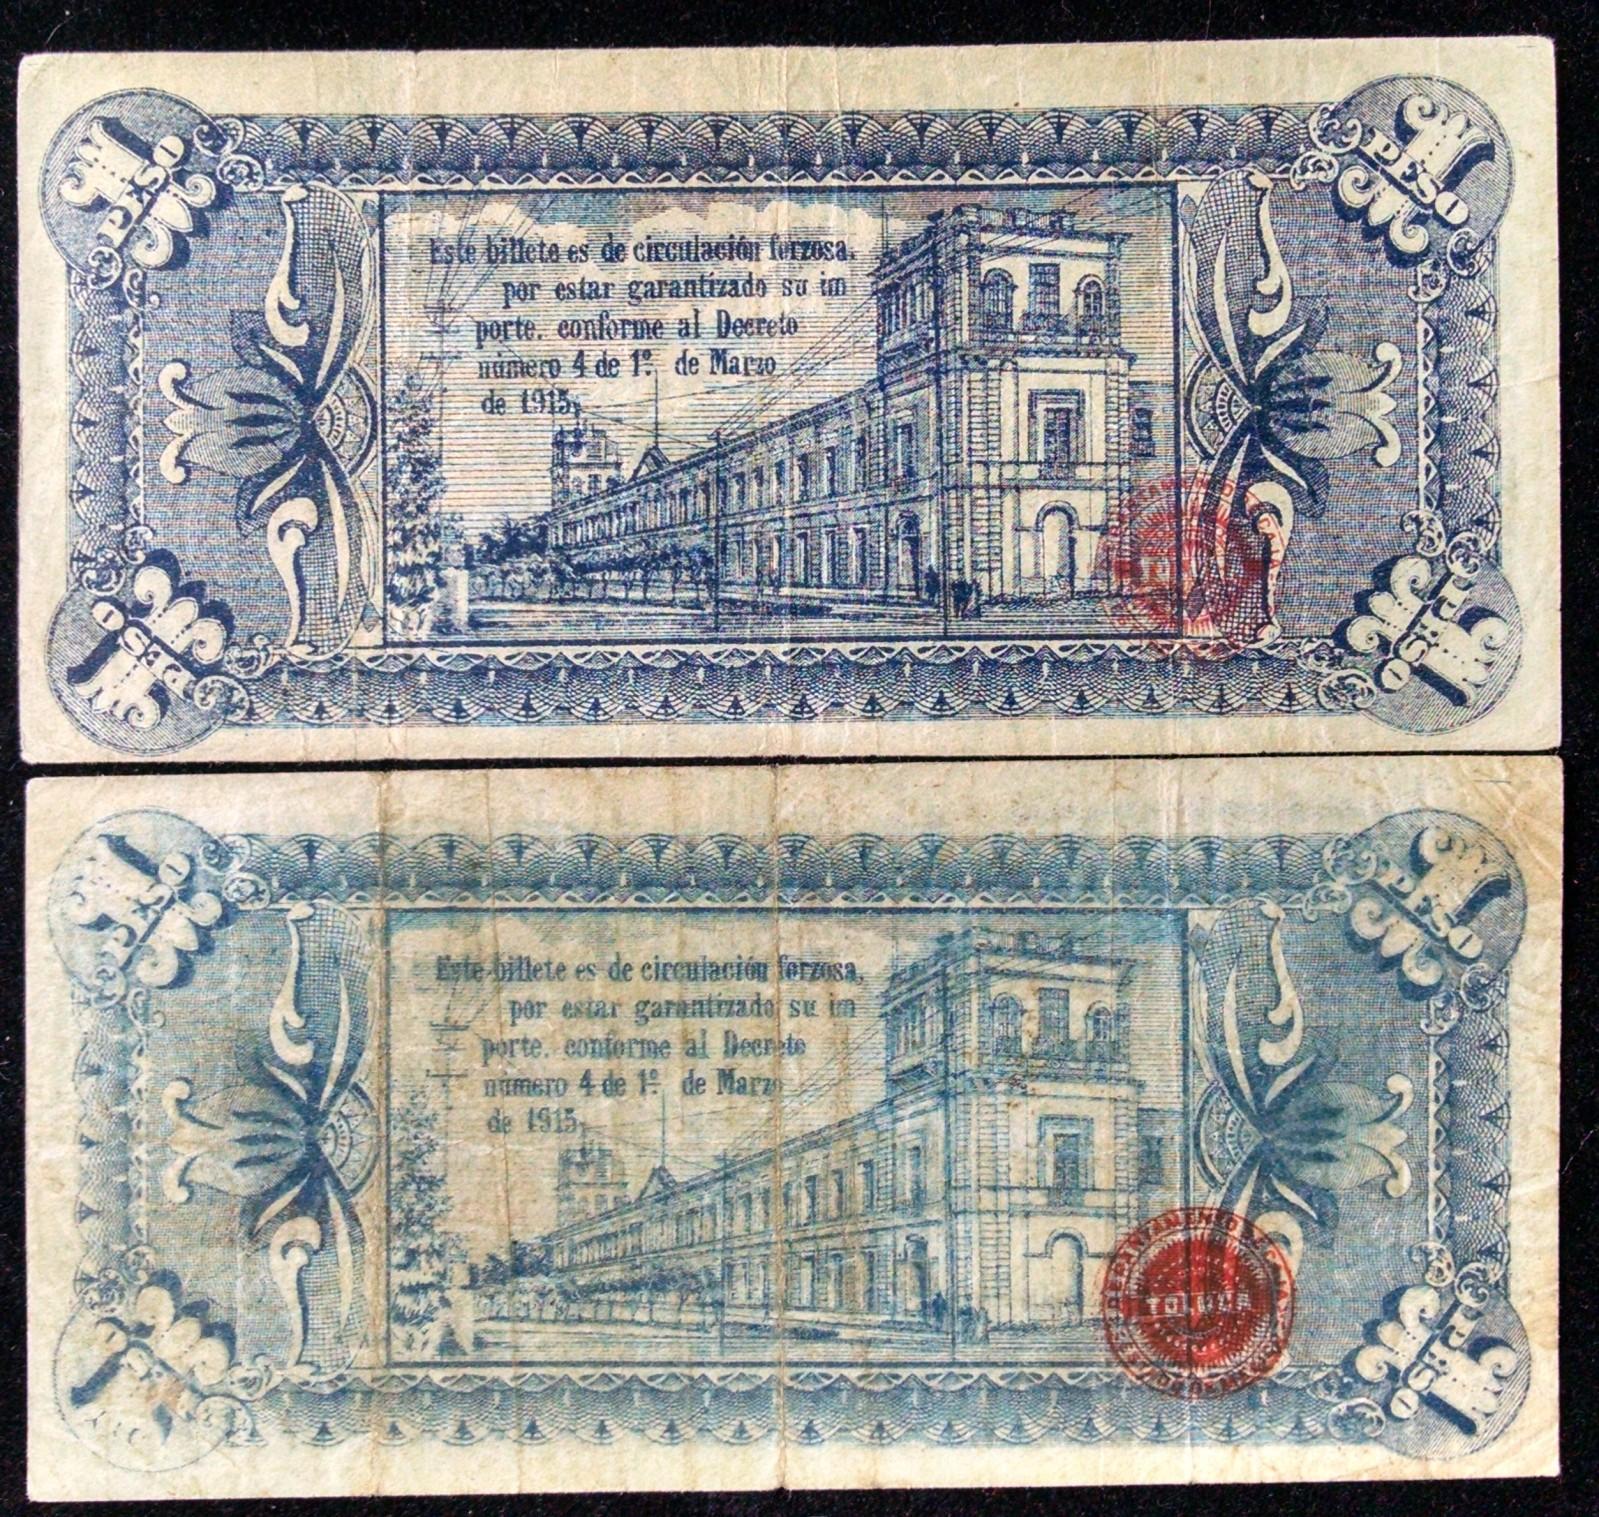 1 peso 1915 Mexico 2efqc7m